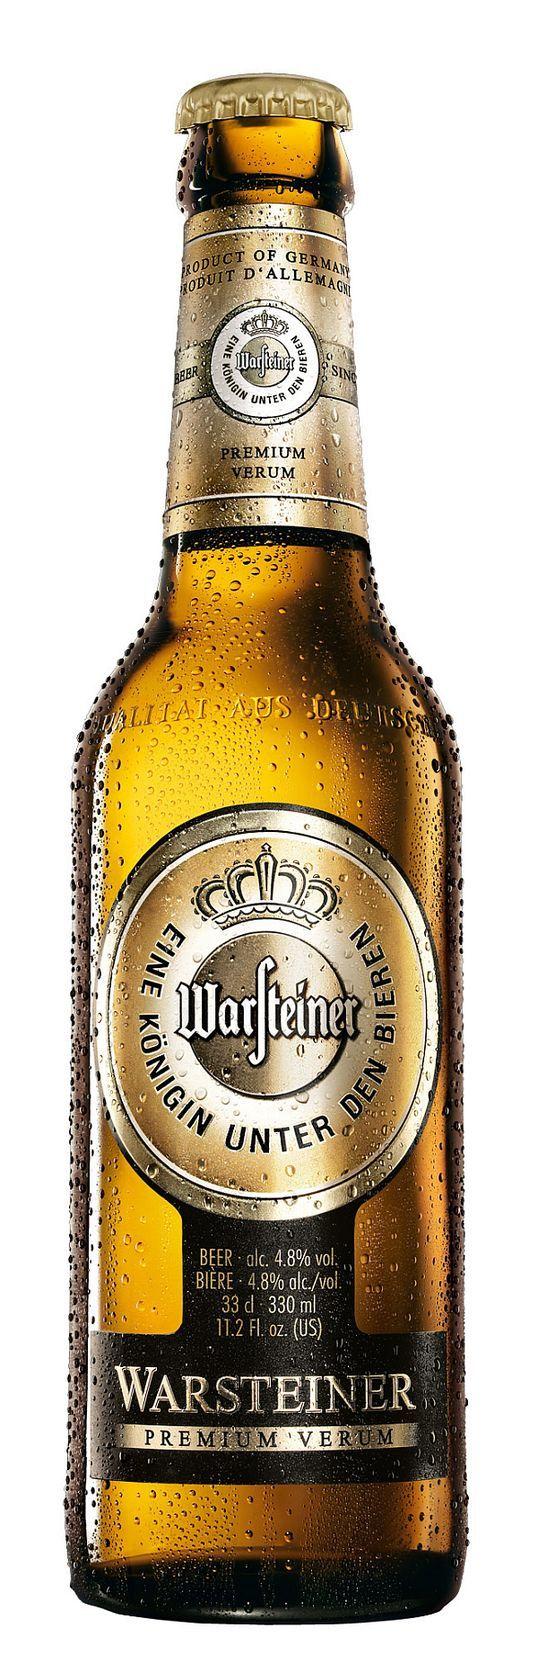 Warsteiner - Designed by Warsteiner Group